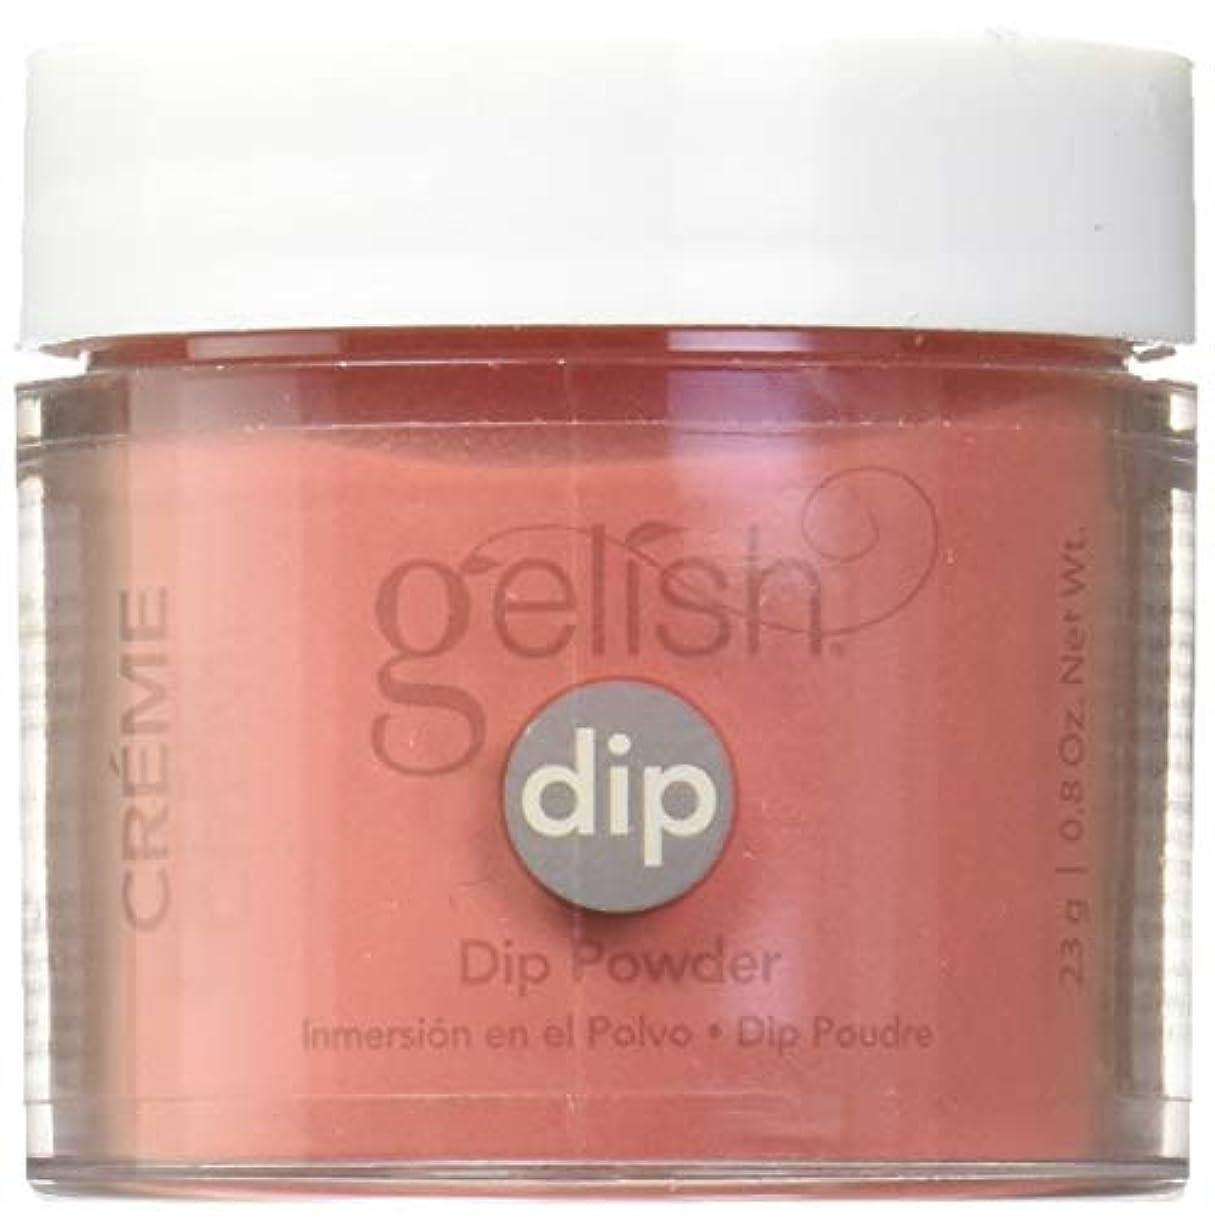 新聞レビュアー贅沢なHarmony Gelish - Acrylic Dip Powder - Fire Cracker - 23g / 0.8oz